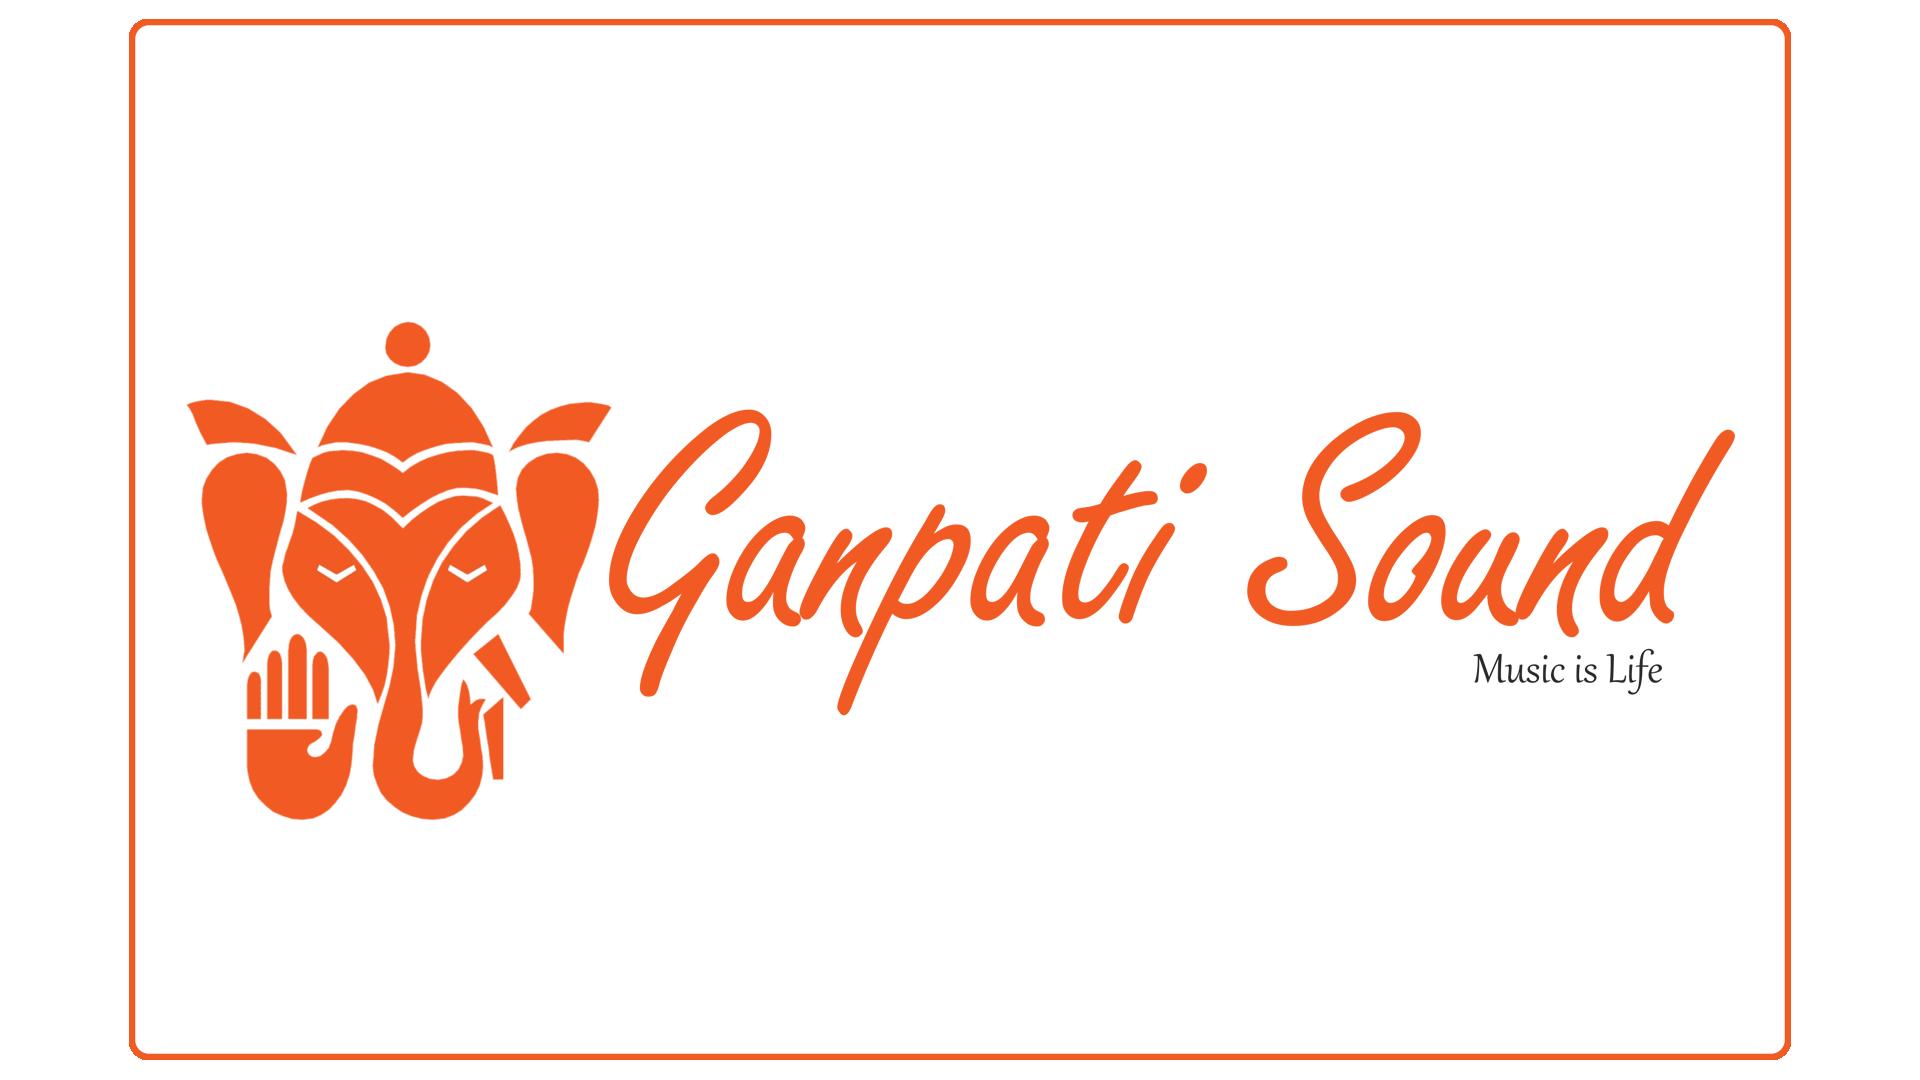 Ganpati Sounds